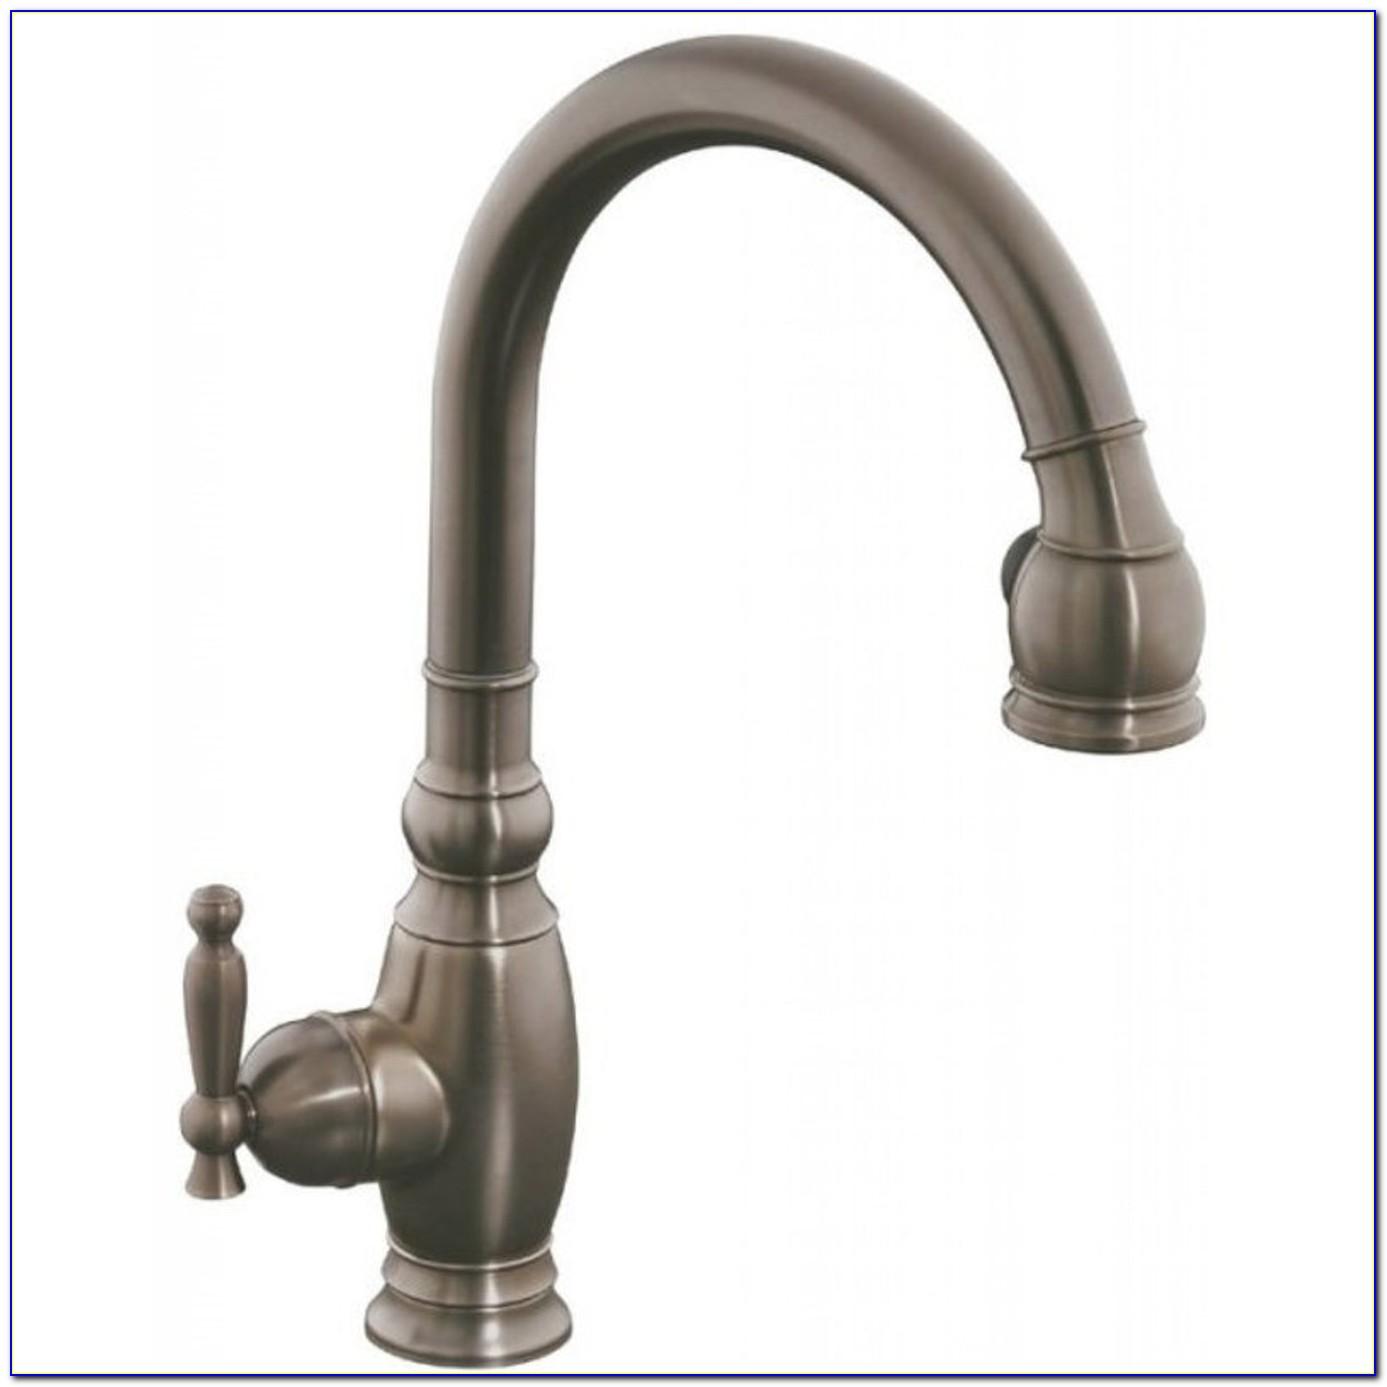 Kohler Commercial Bathroom Sink Faucets